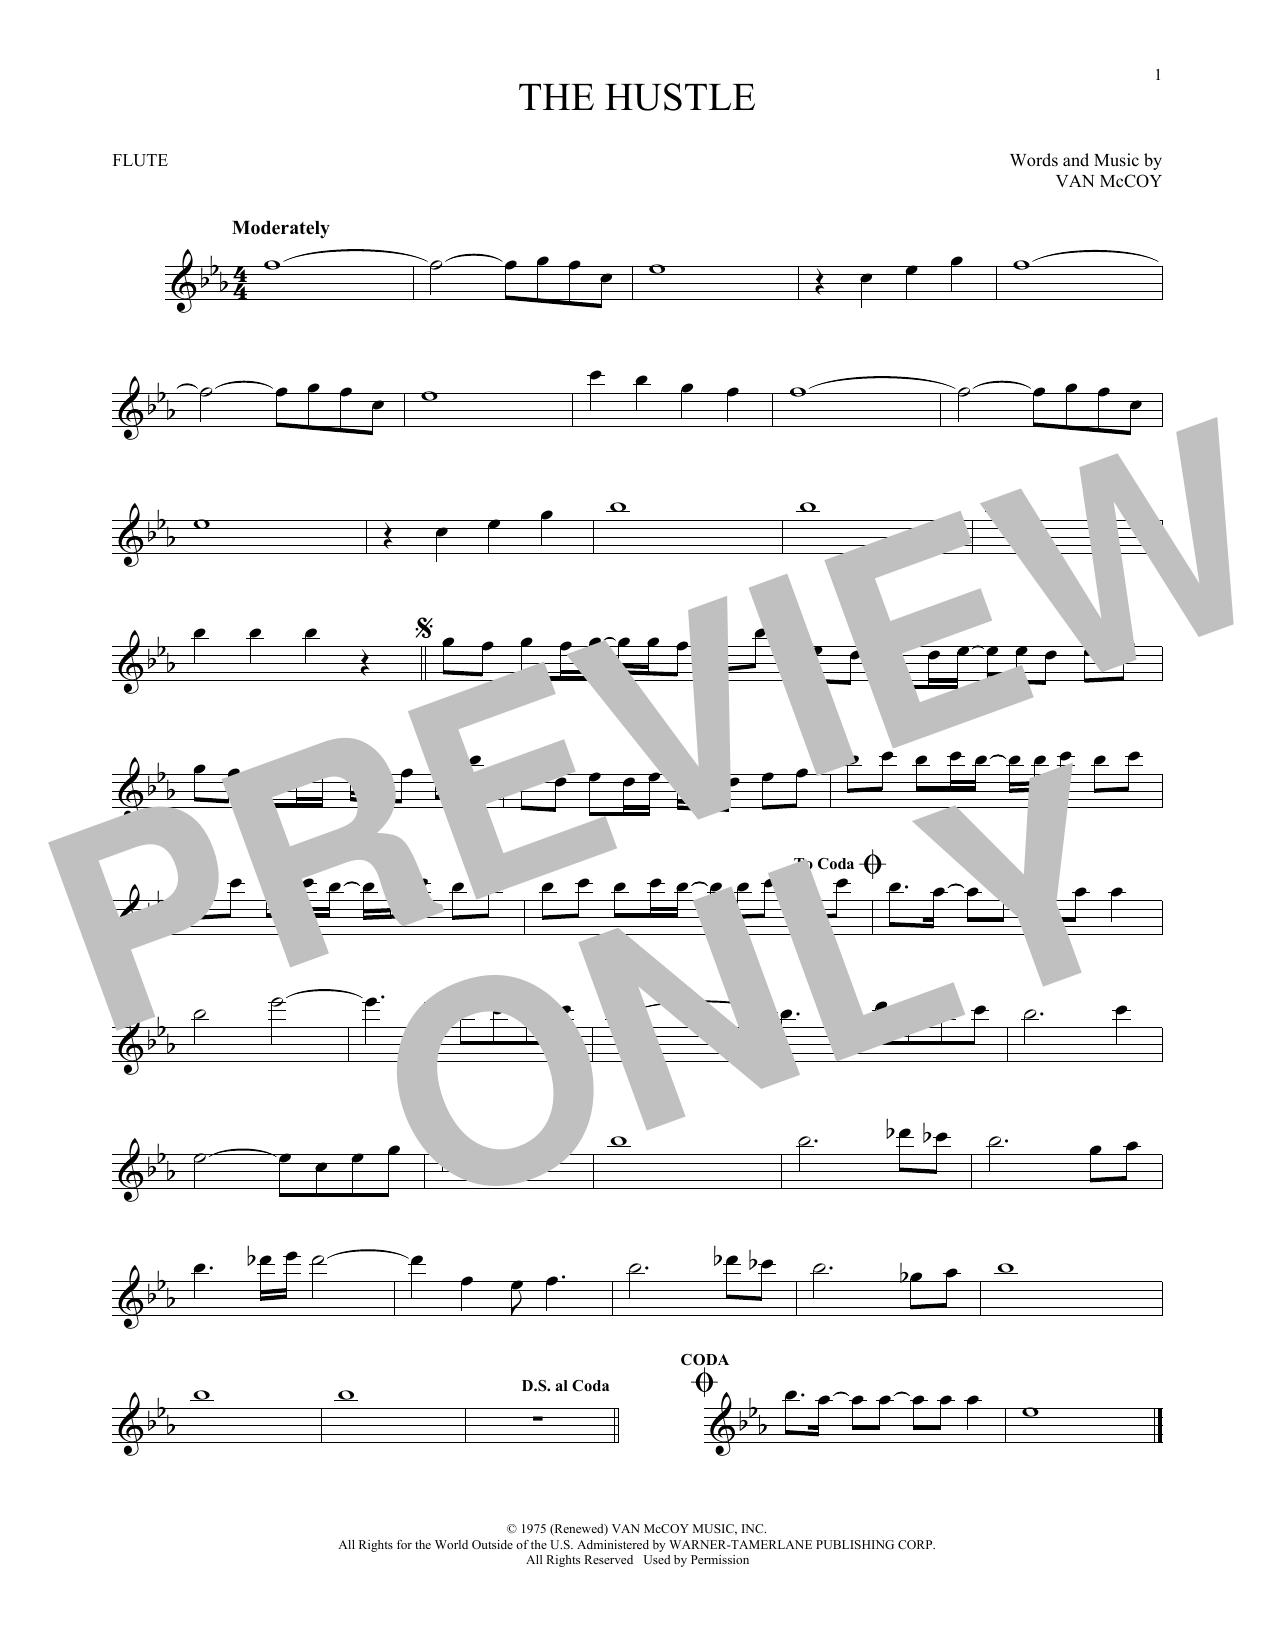 The Hustle (Flute Solo)